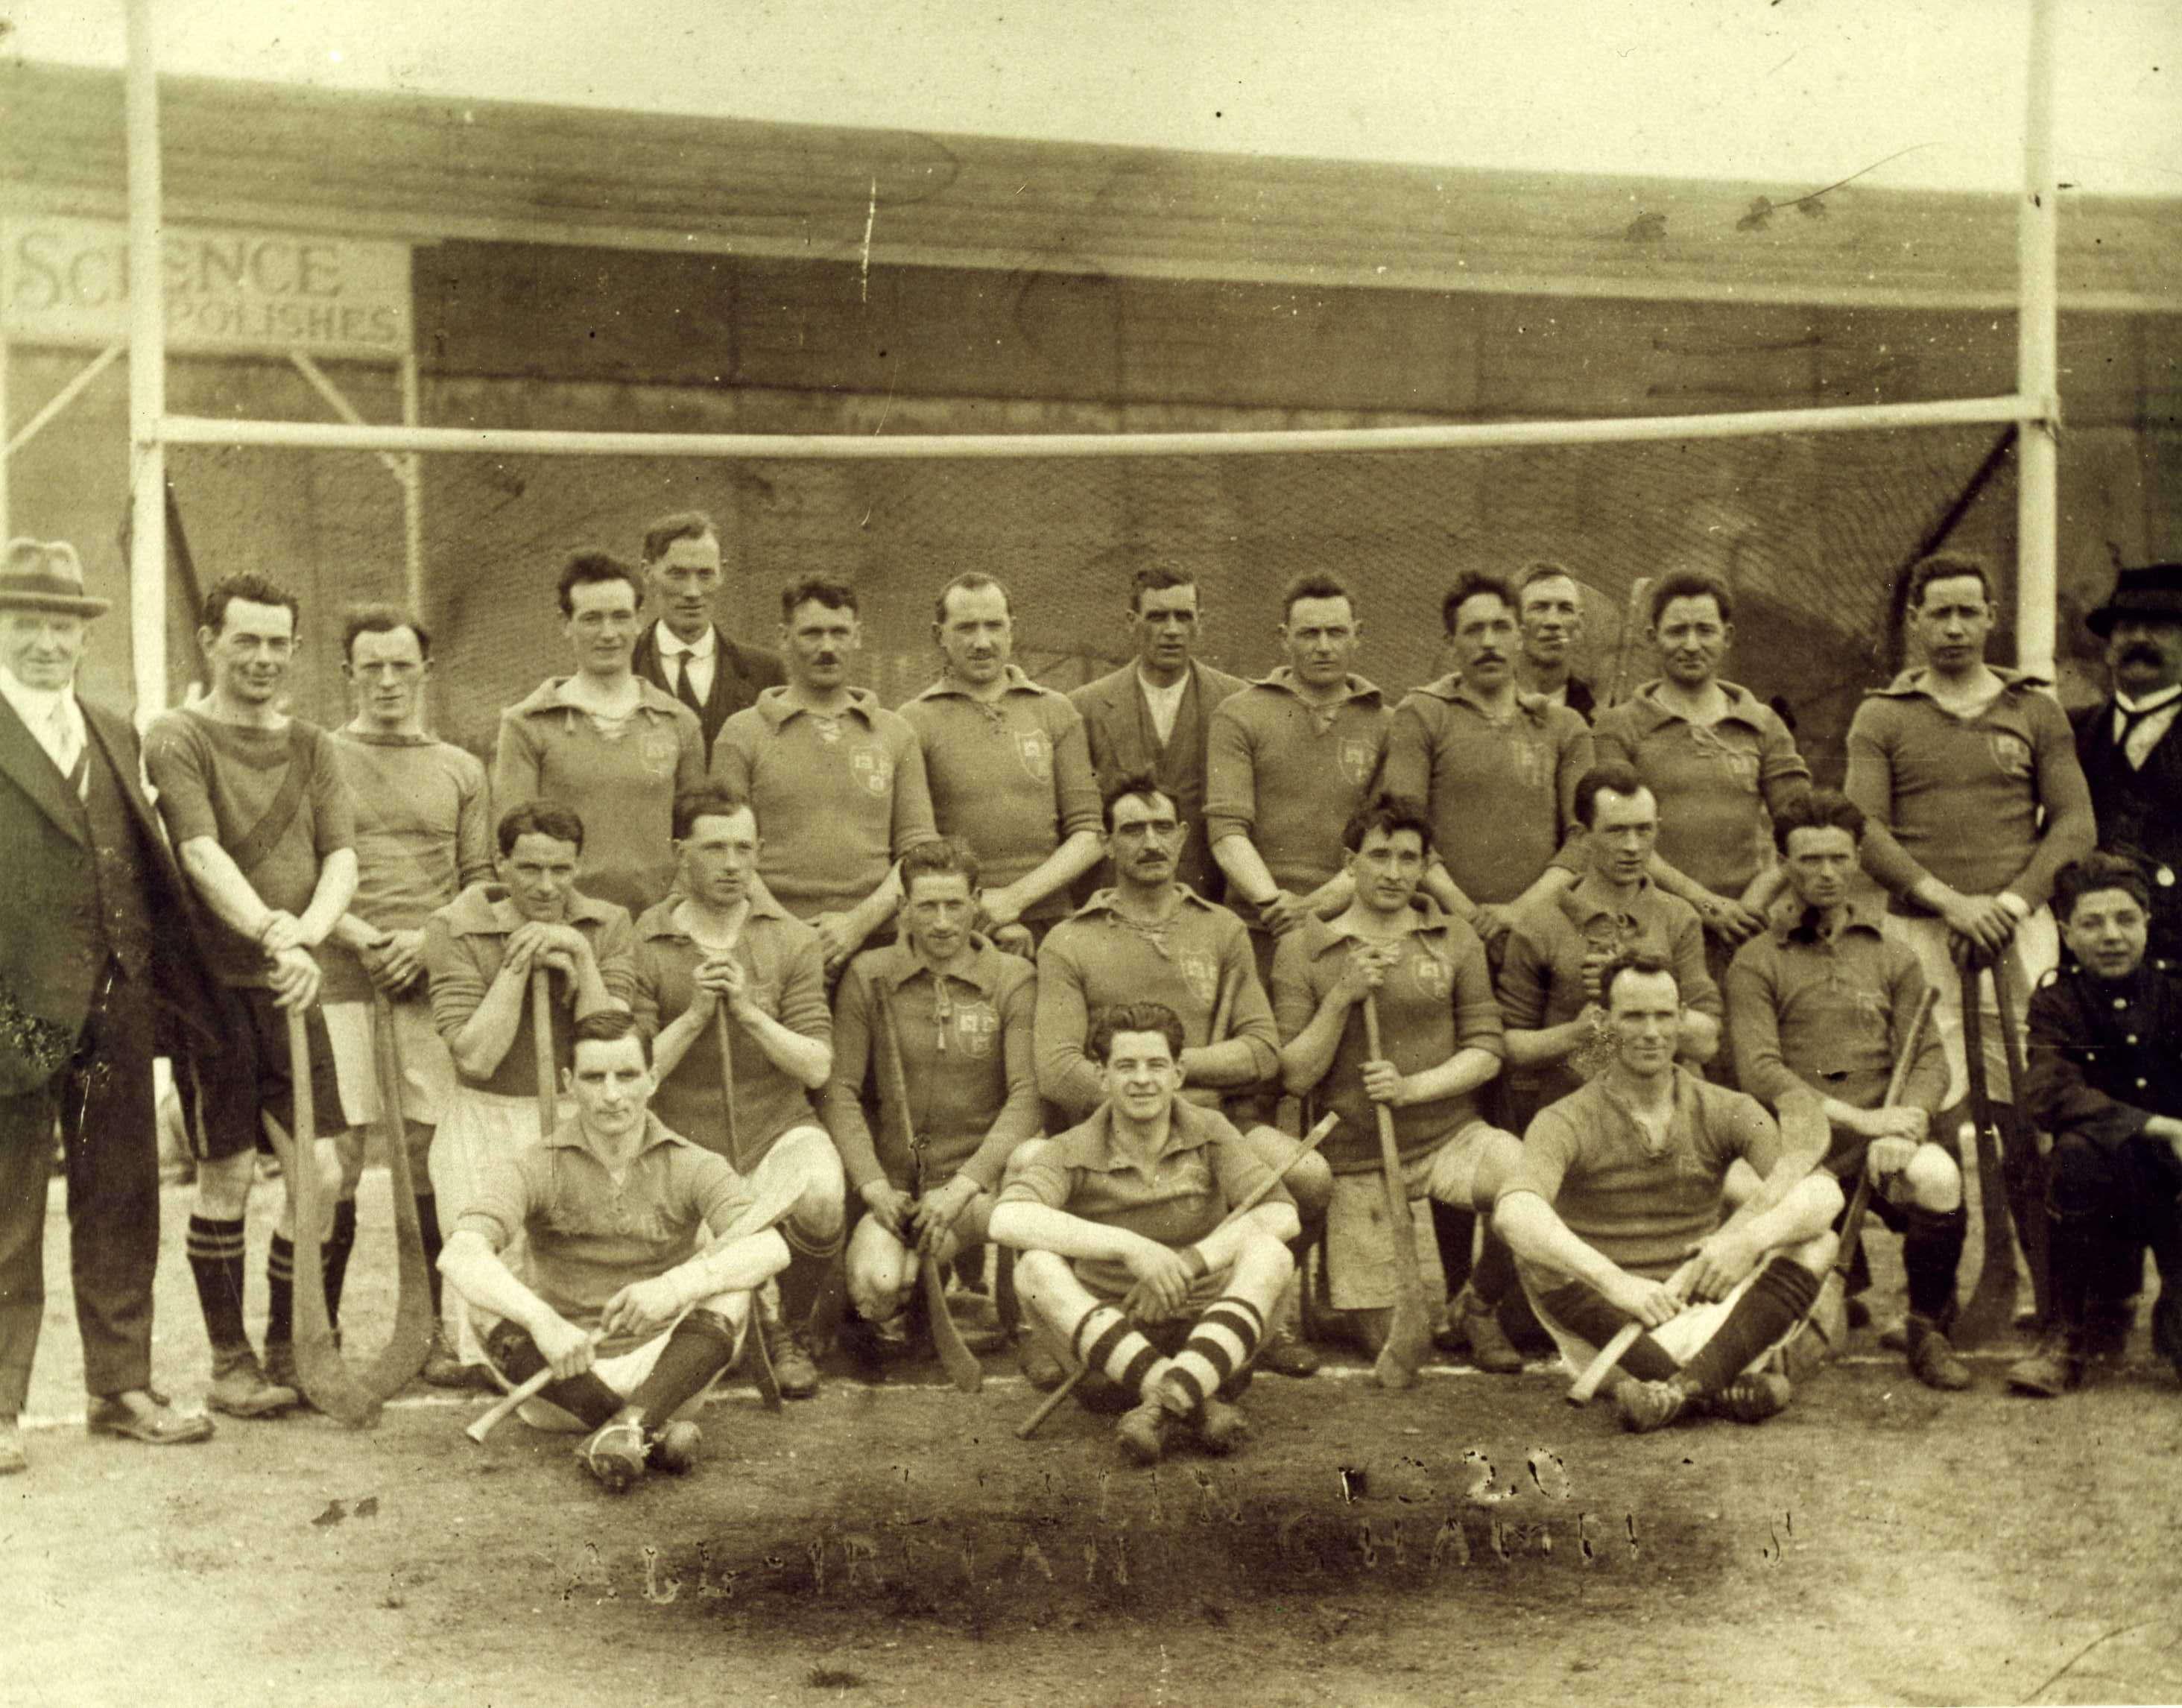 Dublin (Faughs) 1920 Hurling All-Ireland Champions